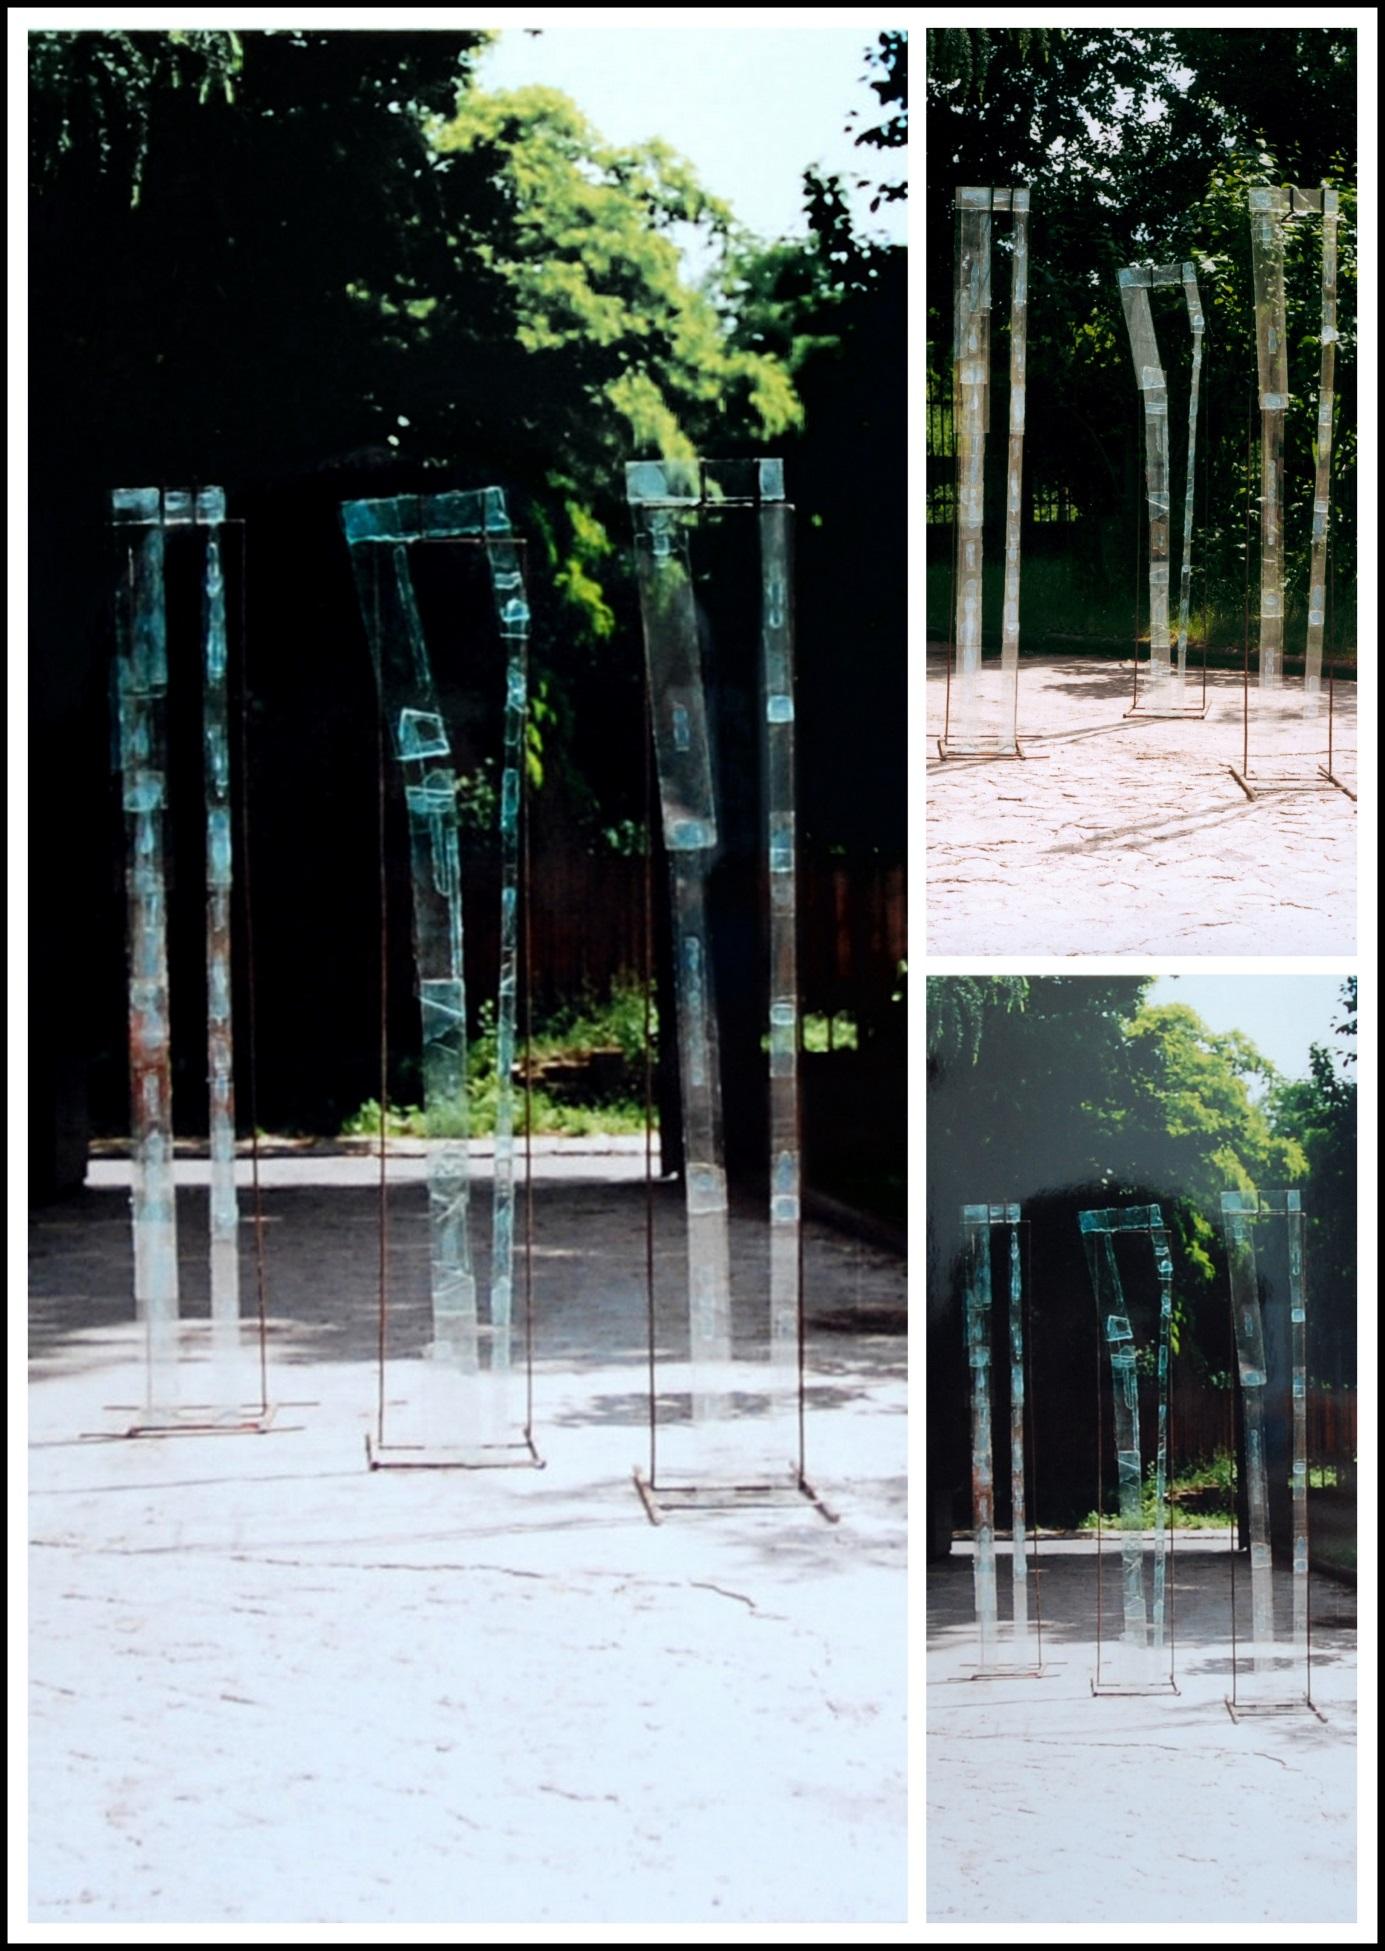 Kreacja postaci - instalacja (wys. 220cm, szkło, metal), 1995